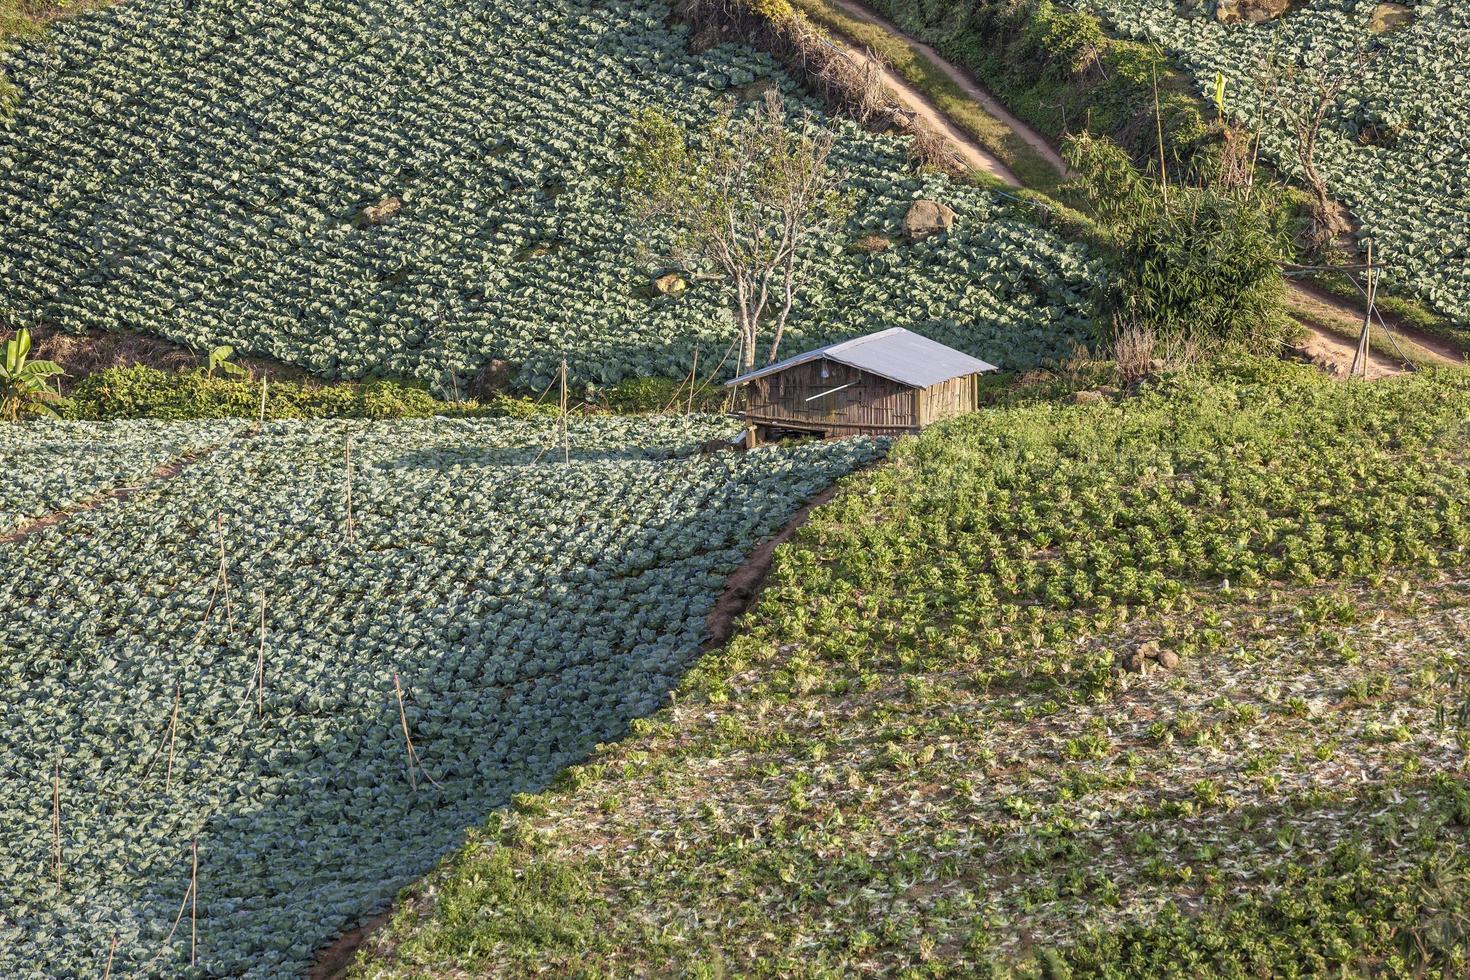 campo de plantação de repolhos na montanha foto